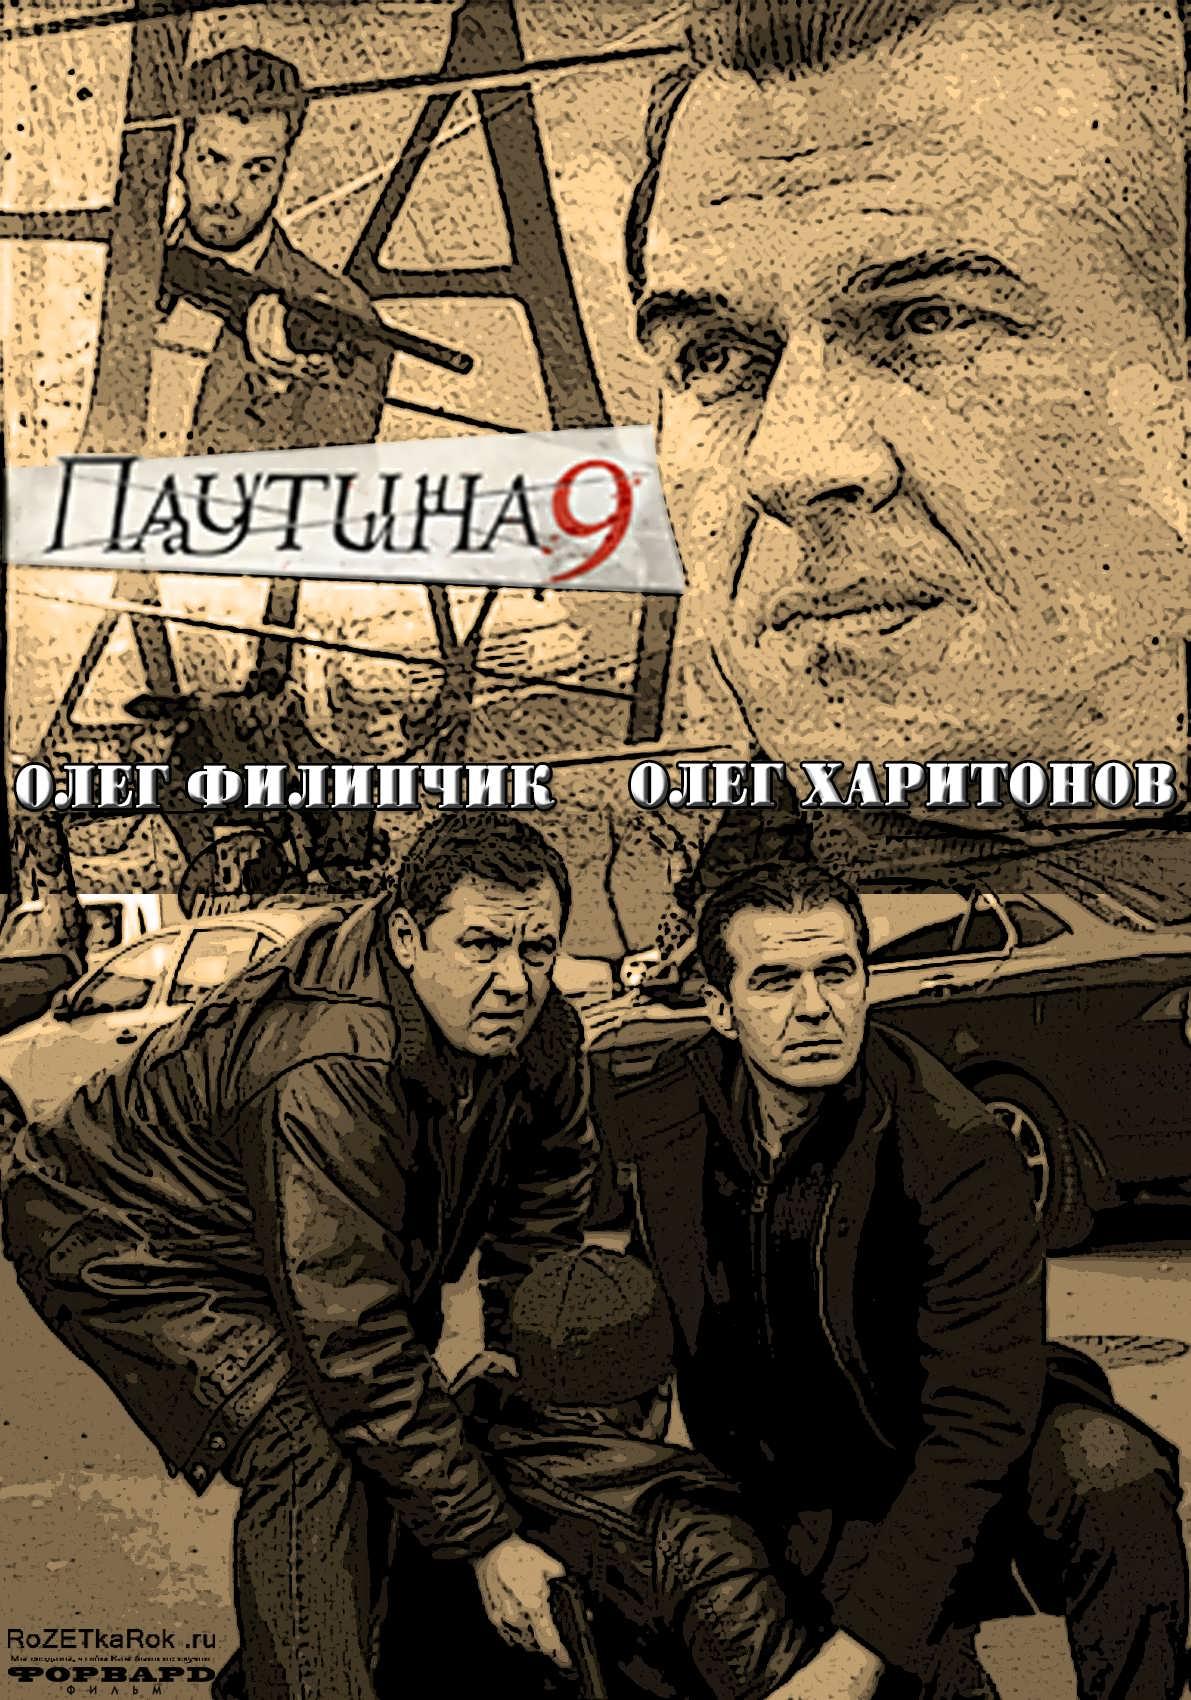 Паутина 9 сезон. Жизнь - игра, Россия, HDTVRip, 1080i, 720p, торрент, магнет-ссылка, 2016, 16+